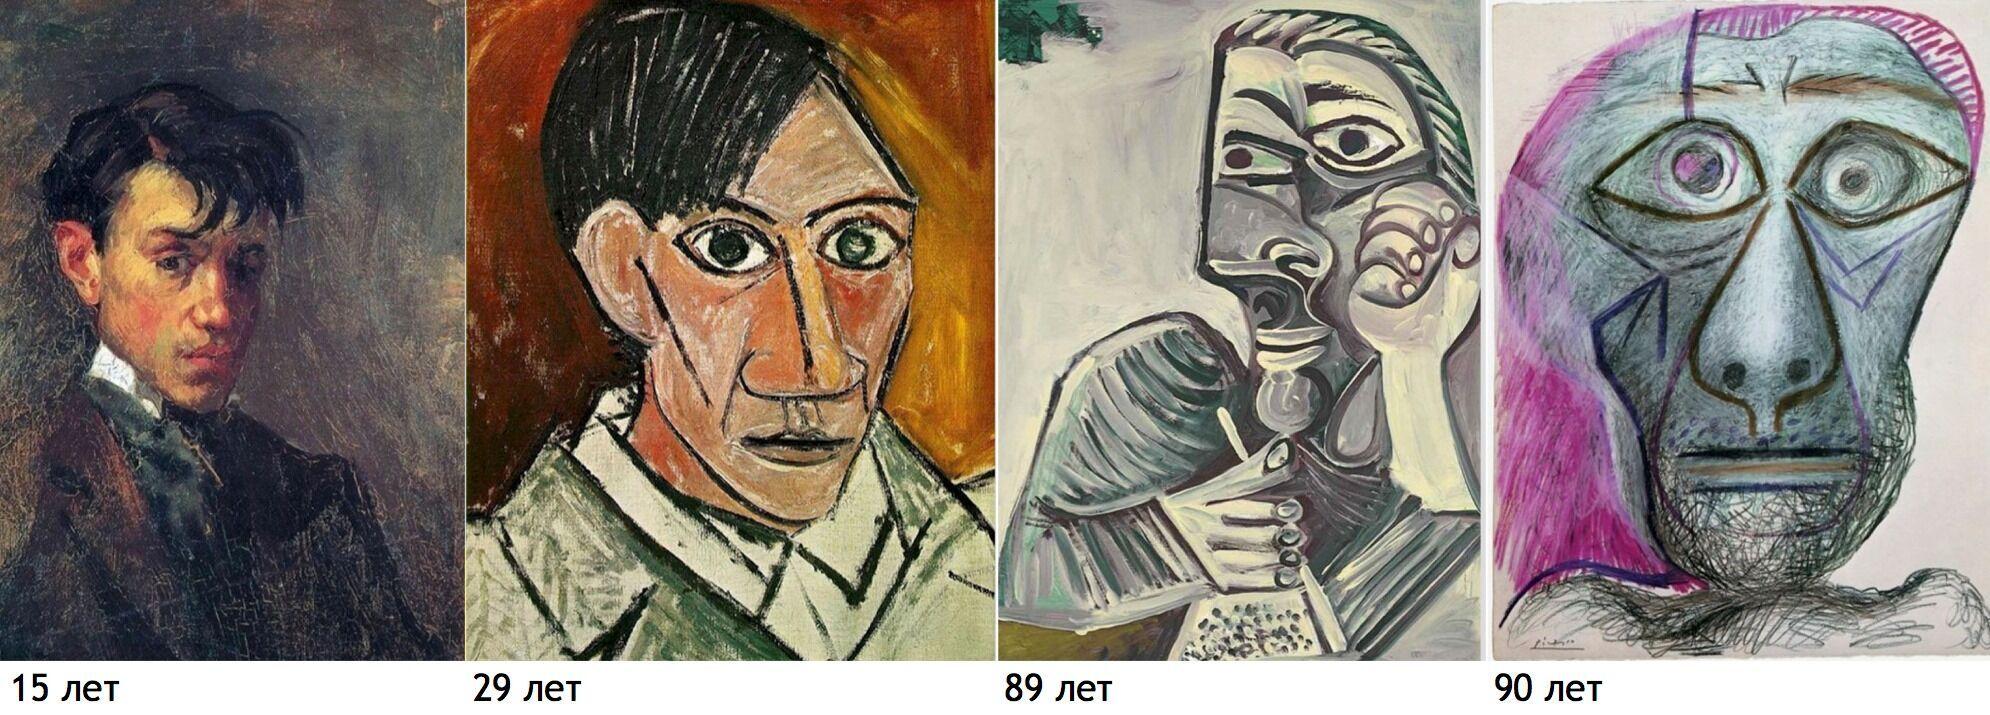 Міфи про художників: всі наркомани, алкоголіки і психопати?